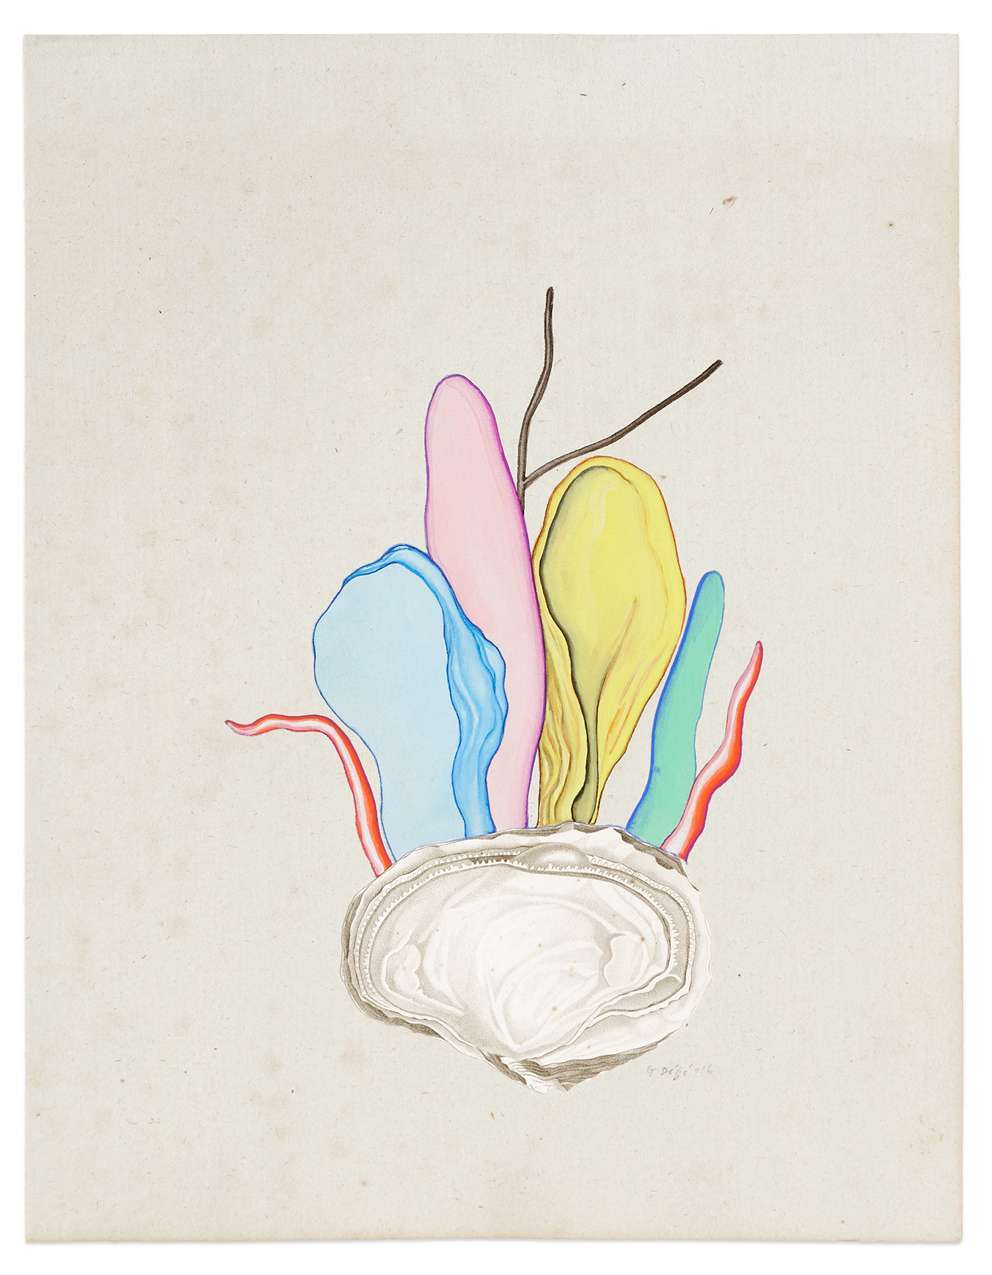 Guillaume Dégé, Sans titre, 2016 Gouache et collage sur papier XVIIIe25 × 19 cm / 9 7/8 × 7 1/2 in. | 41 × 35 cm (encadré)